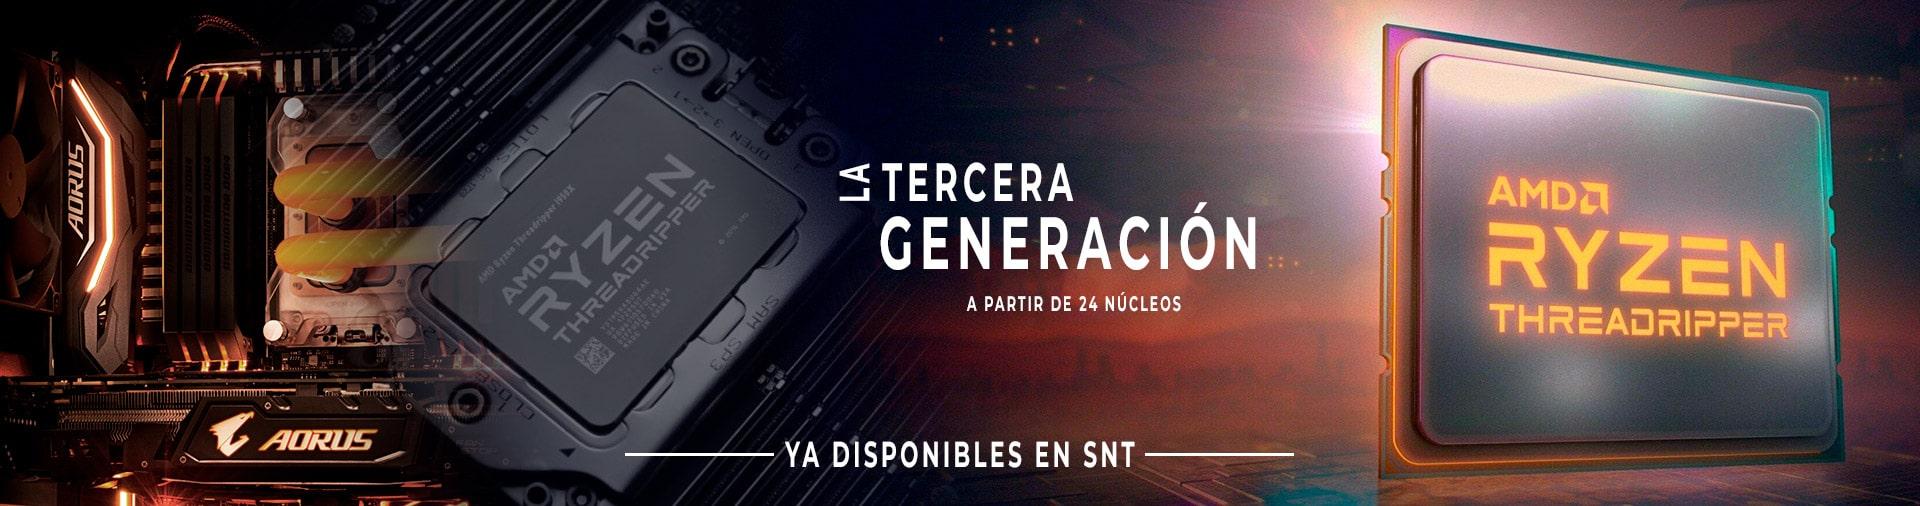 banner-AMD-threadripper-SNT-servicios-nuevas-tecnologias